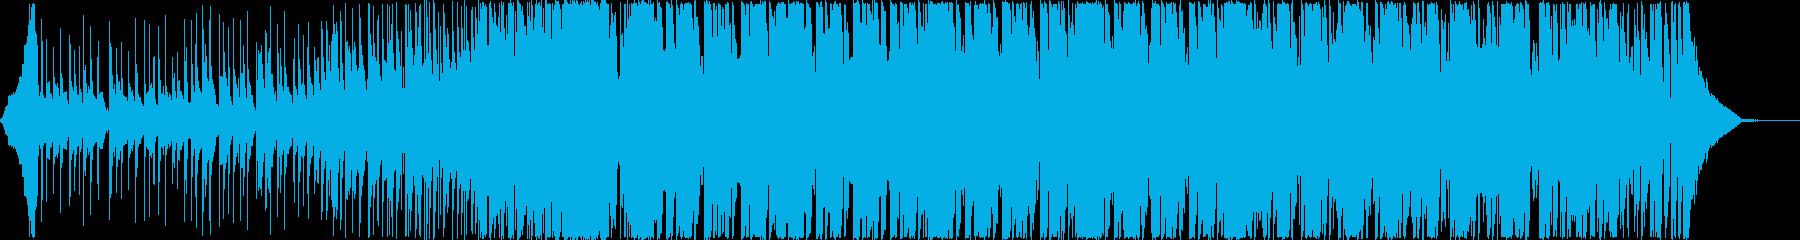 軽快な和風エレクトロダンス三味線尺八箏Bの再生済みの波形